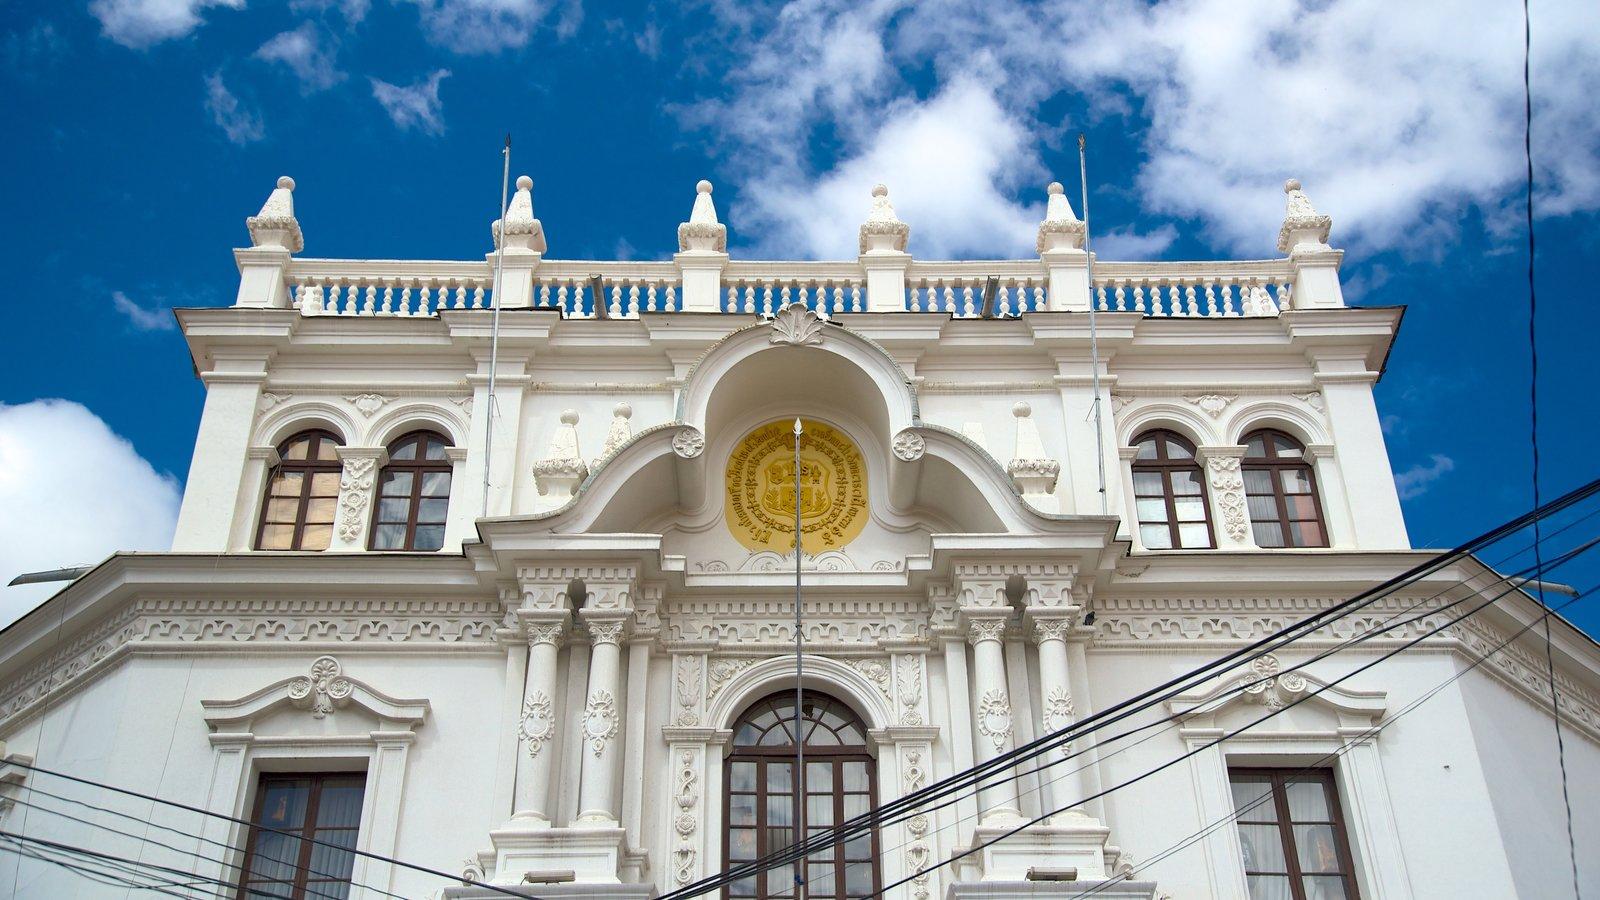 Universidad de San Francisco Xavier de Chuquisaca que inclui arquitetura de patrimônio e elementos de patrimônio